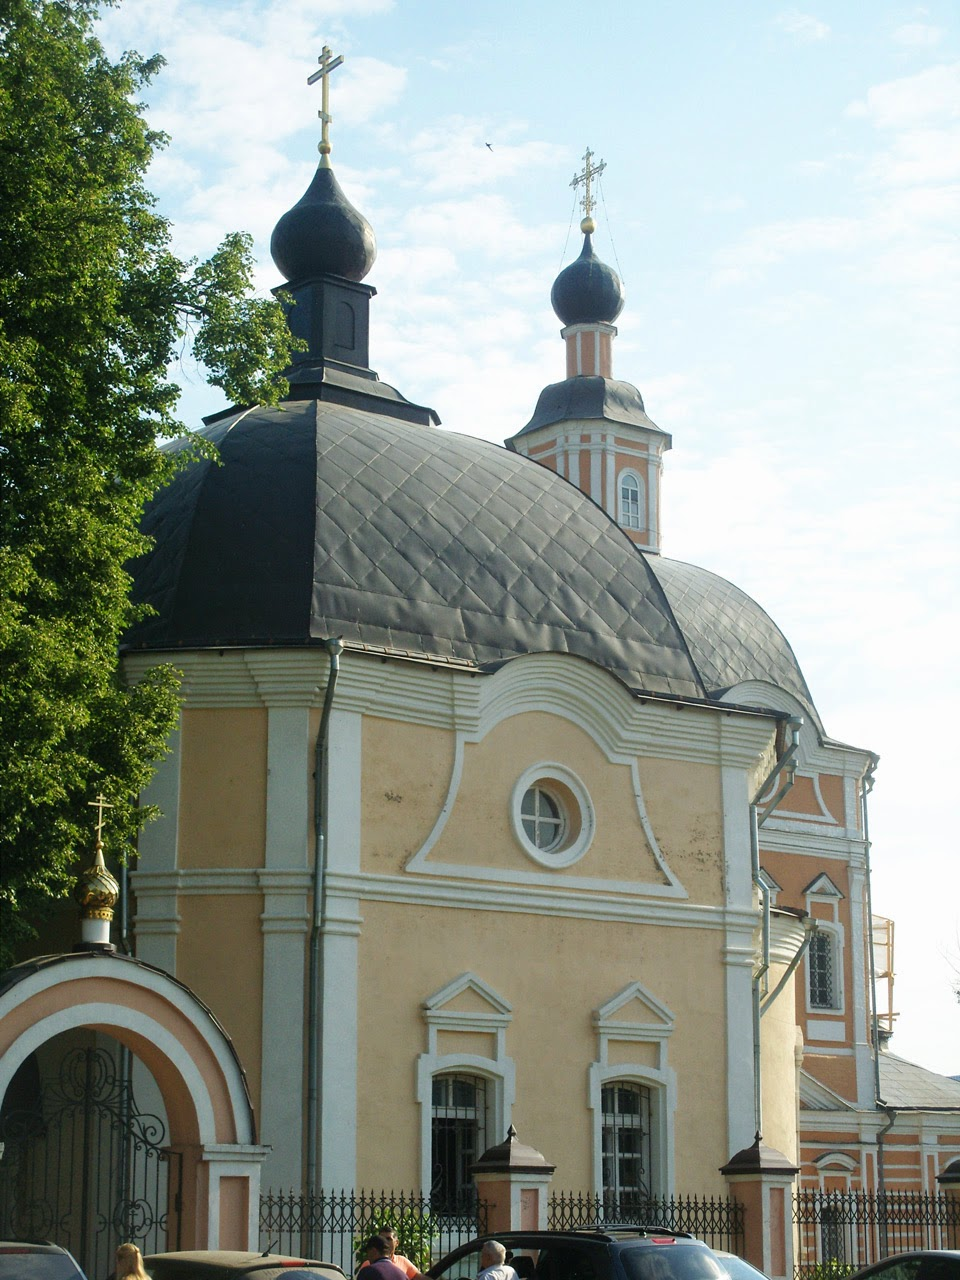 Сергиев Посад, Клементьевка, Успенская церковь